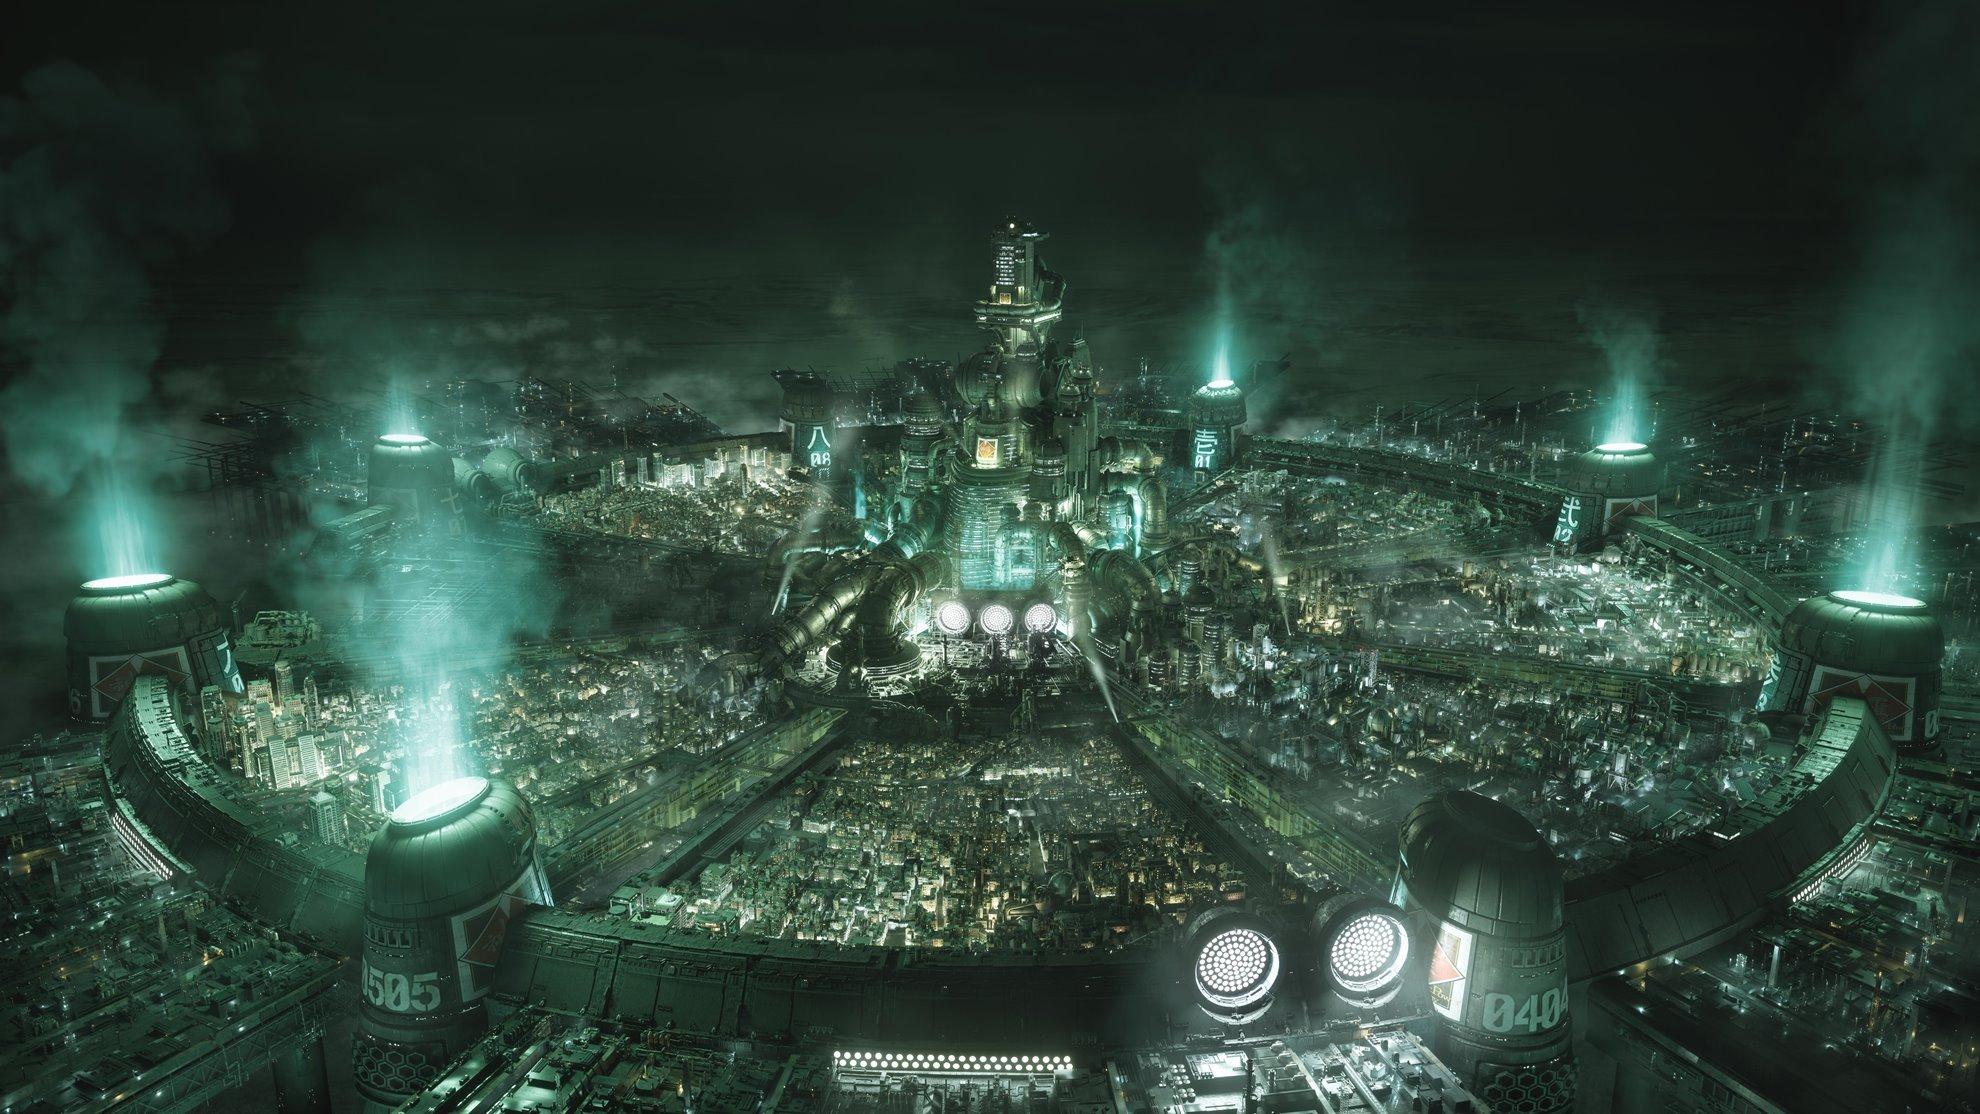 Final Fantasy VII Remake Ultimania – Perché ambientare il gioco solo a Midgar? (intervista agli sviluppatori, parte 1)